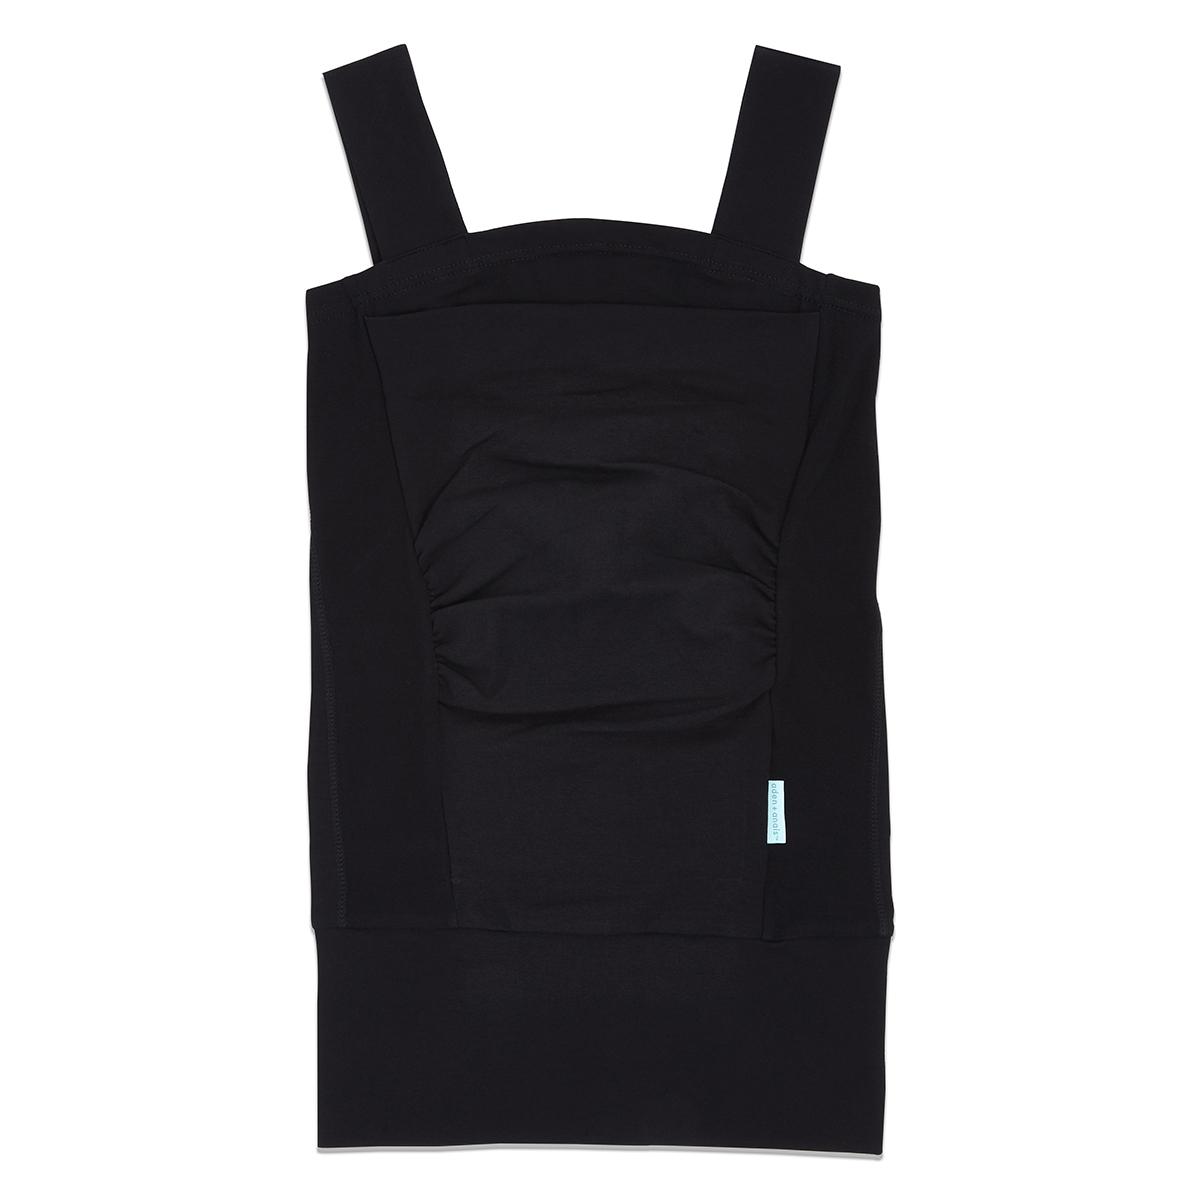 Porte bébé Top Peau-à-peau Solid Black - M Top Peau-à-peau Solid Black - M